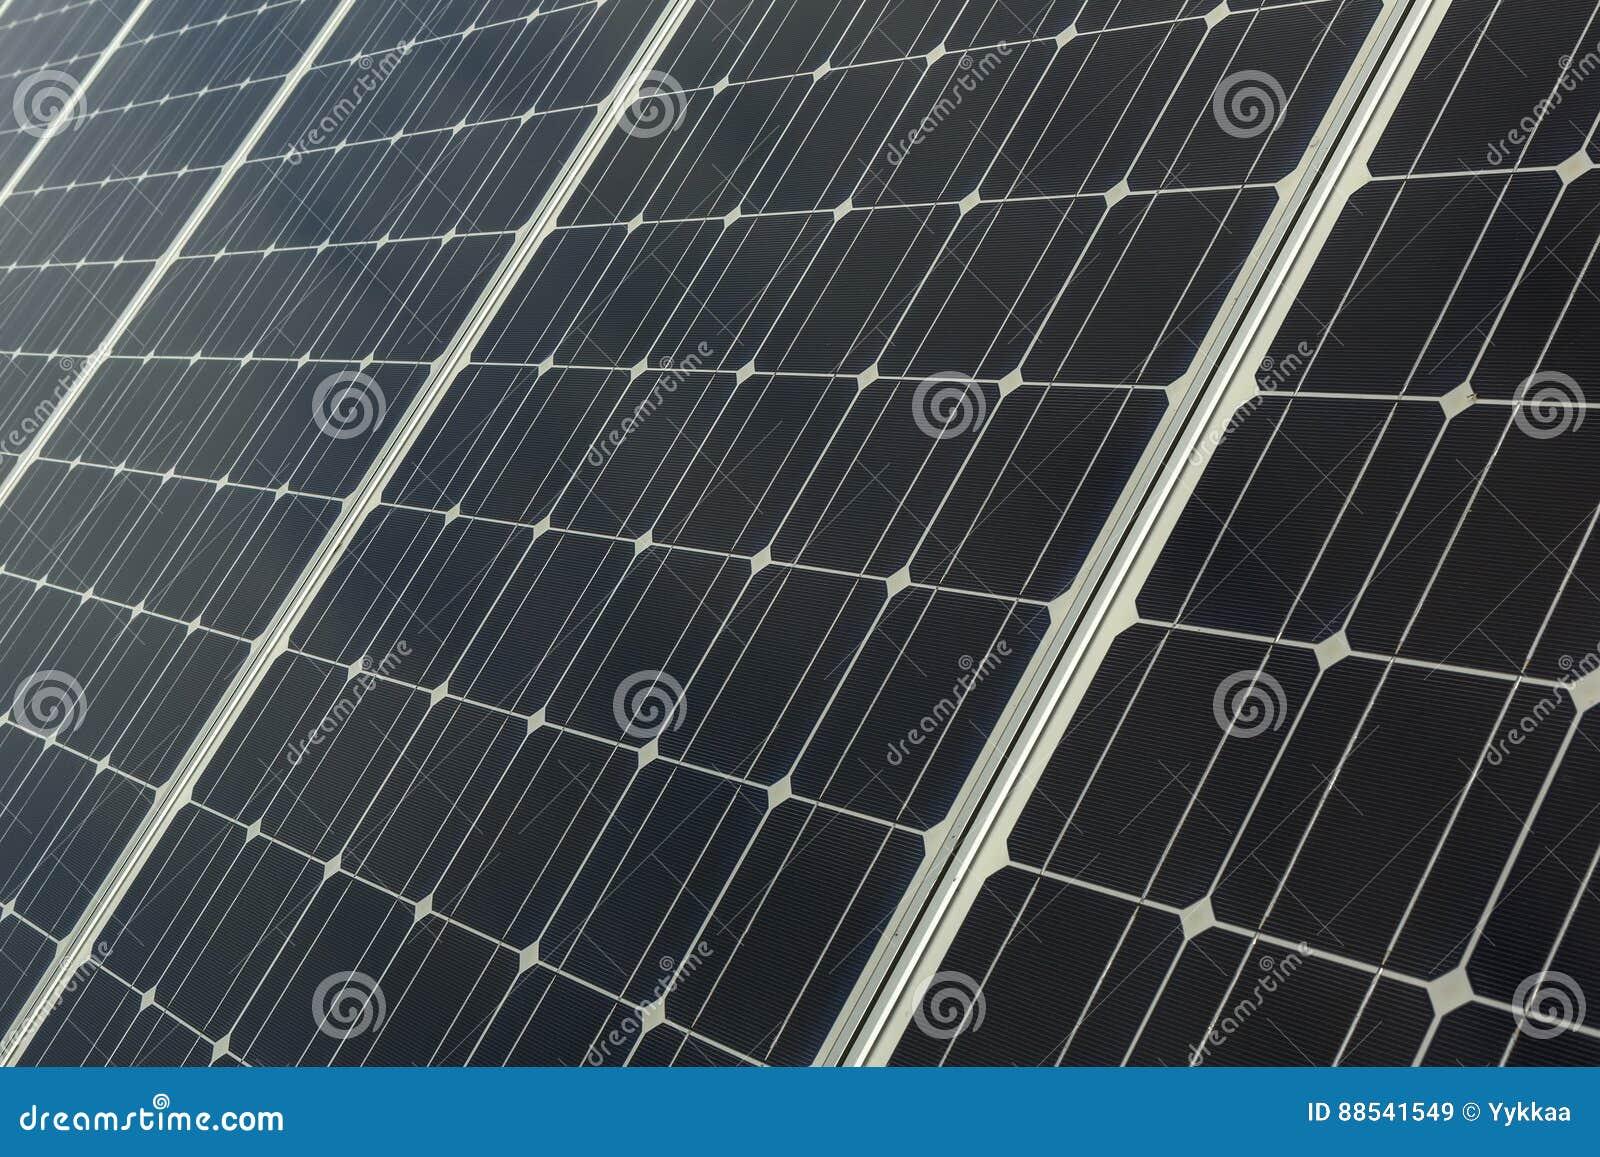 Zonnepanelen en satellietschotel voor energie en mededeling in voorsteden